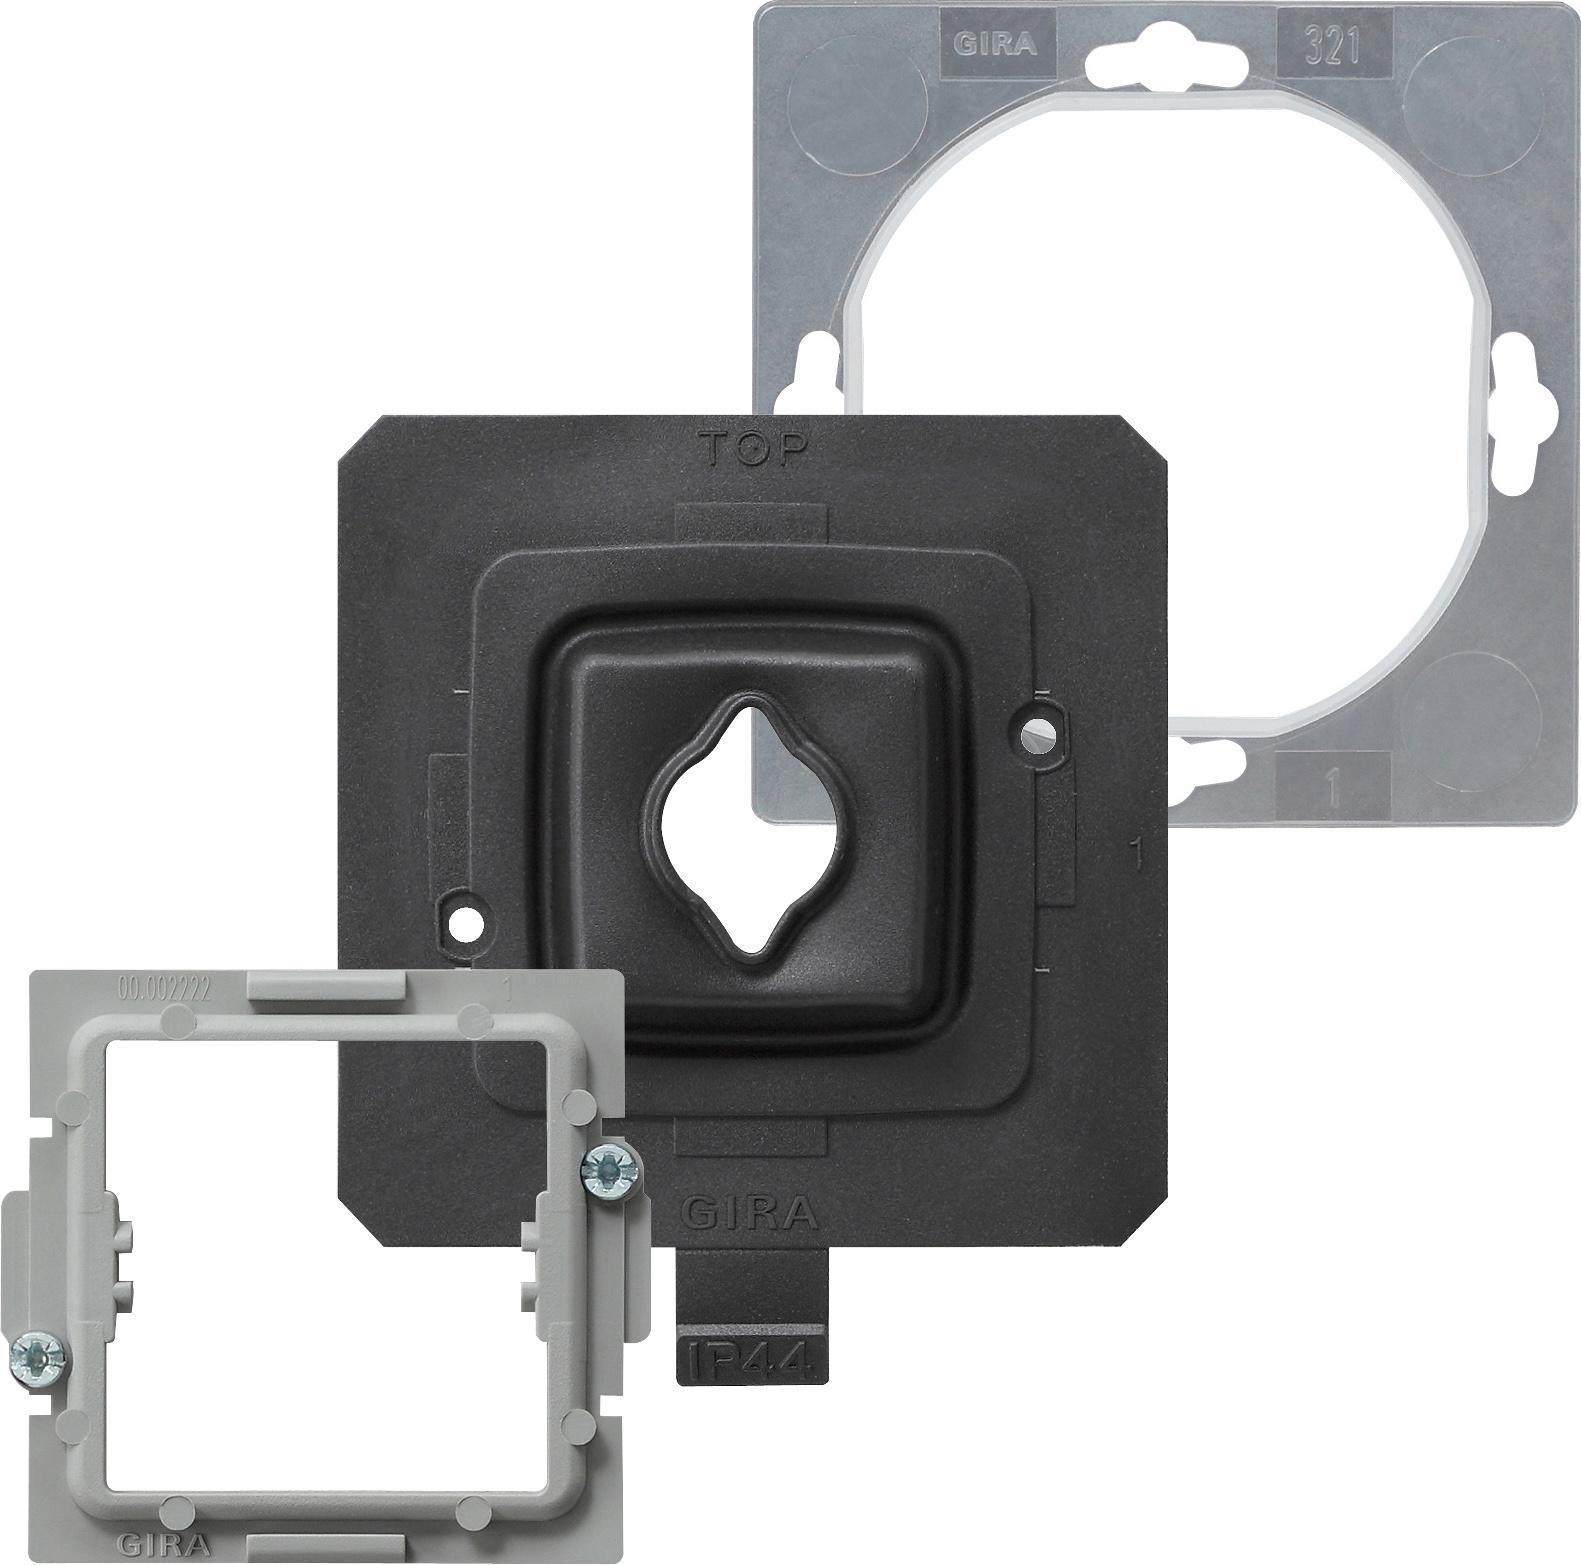 dichtungsset ip 44 f r wippschalter und wipptaster standard 55 e2 gira 025127 von gira bei. Black Bedroom Furniture Sets. Home Design Ideas